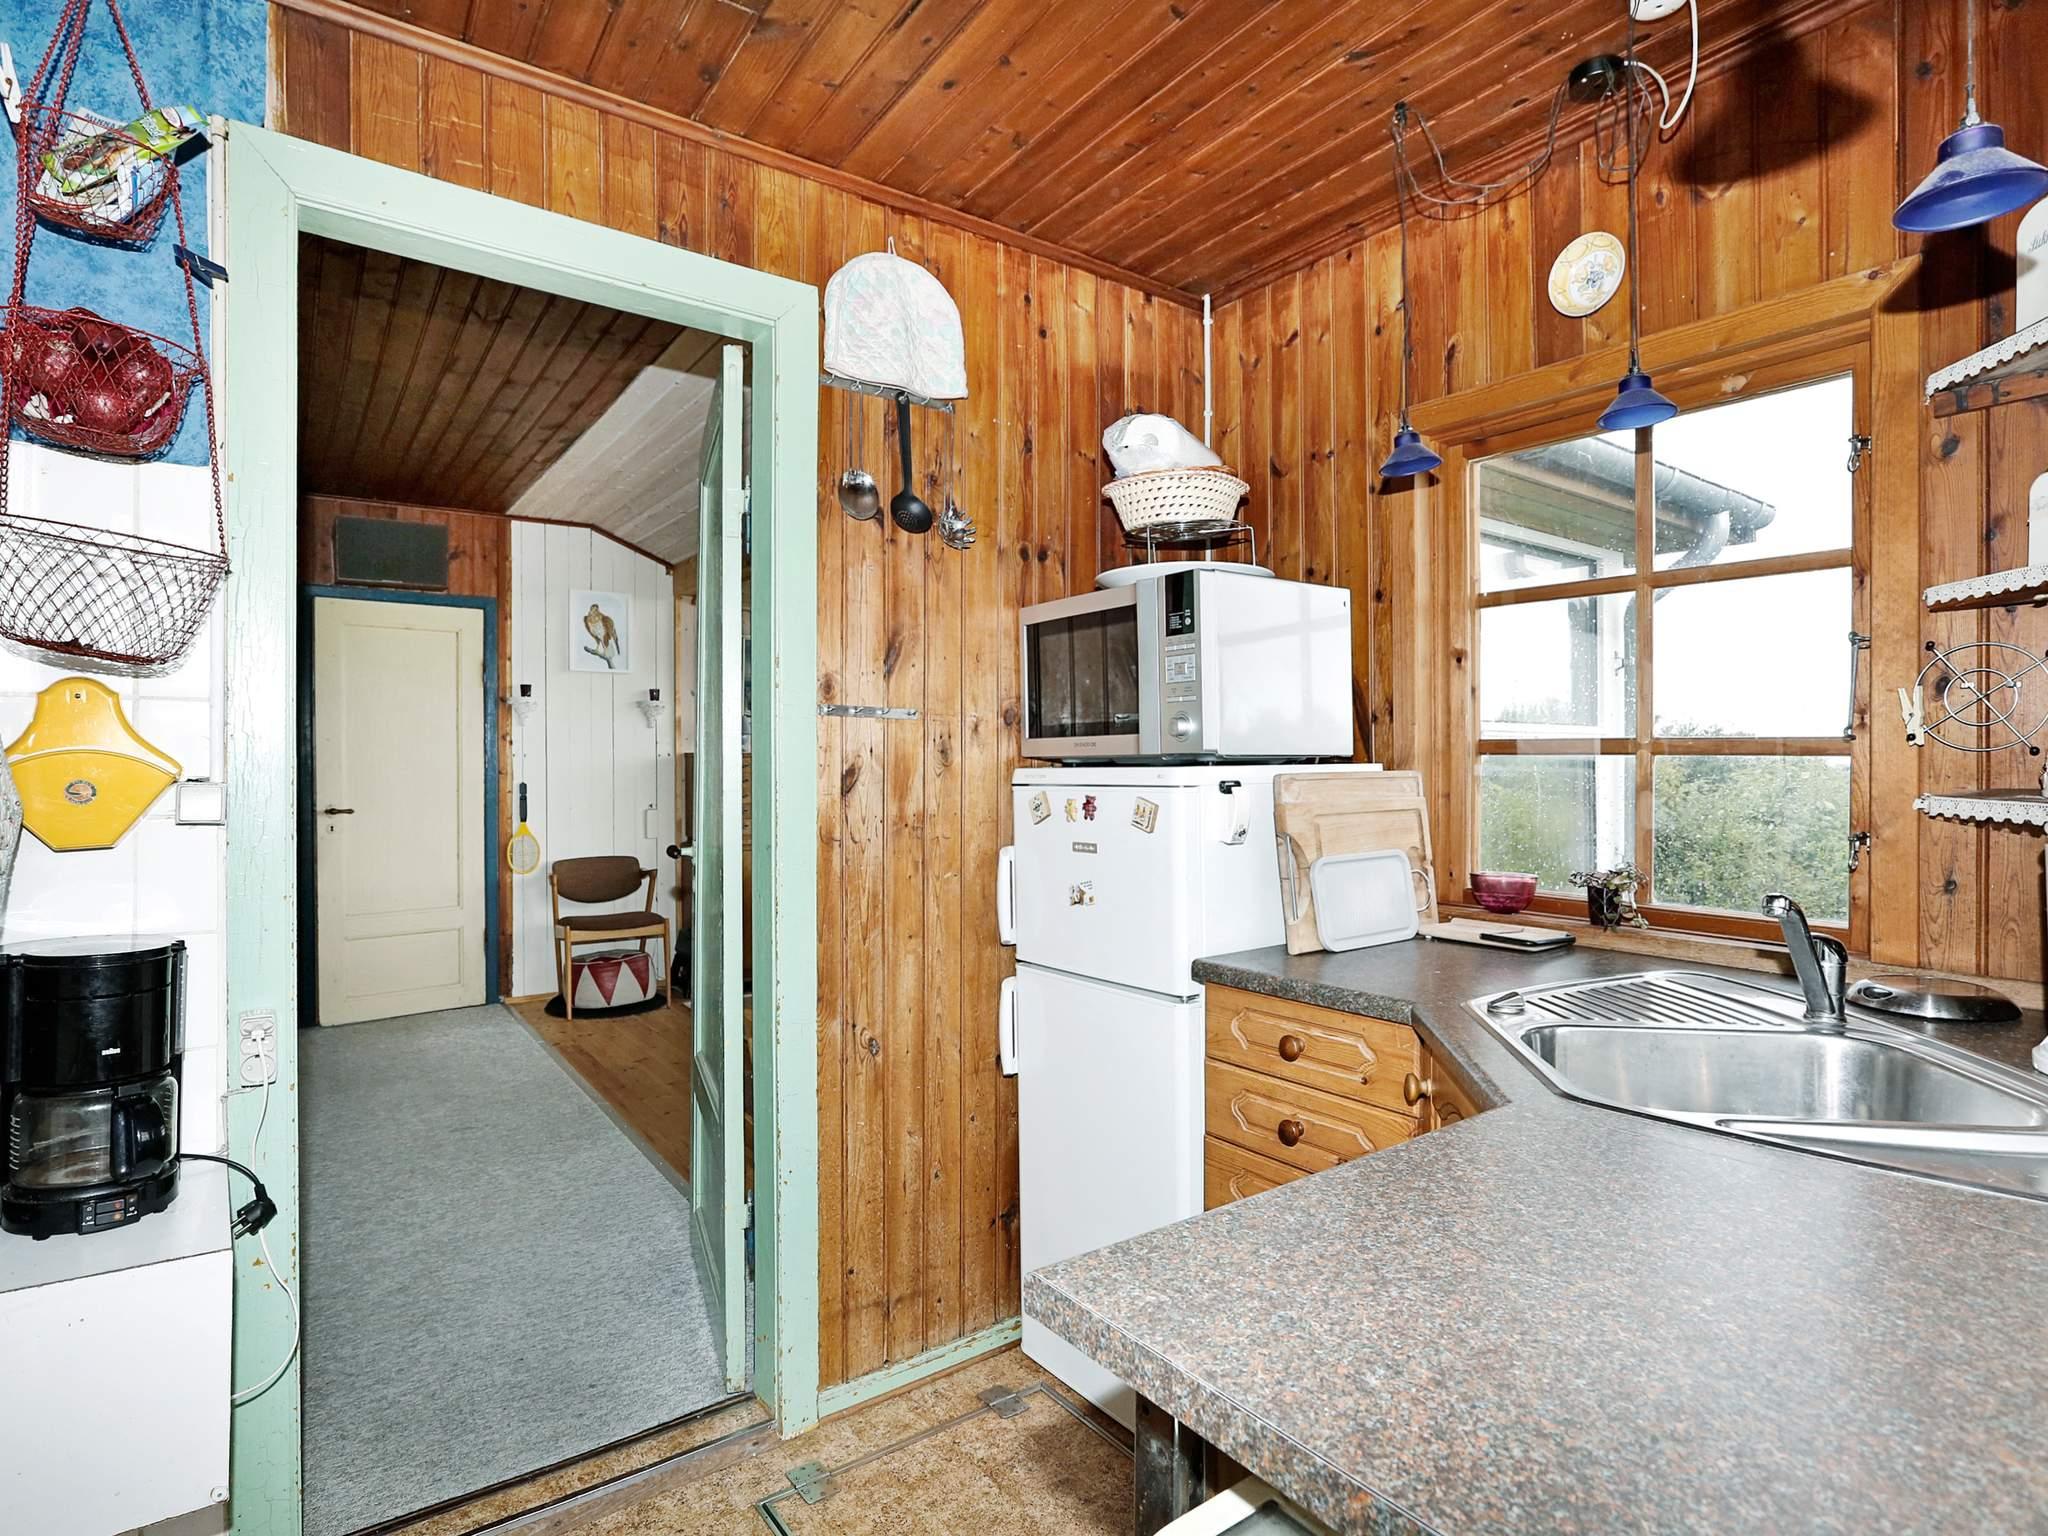 Ferienhaus Rågeleje (921041), Rågeleje, , Nordseeland, Dänemark, Bild 10